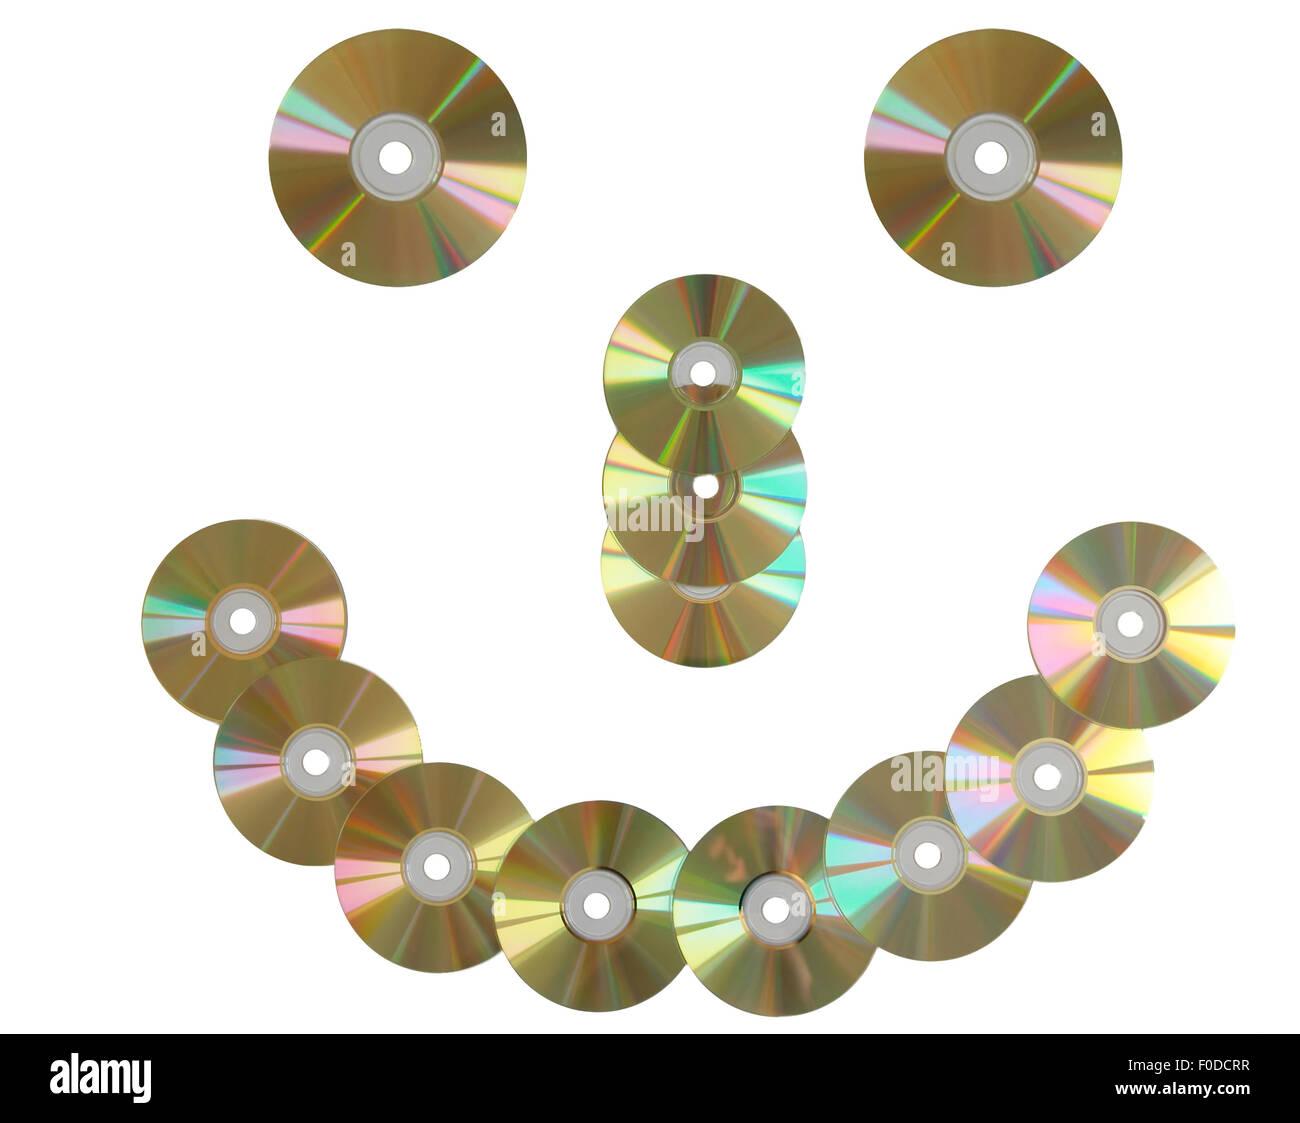 CD discs smile. - Stock Image